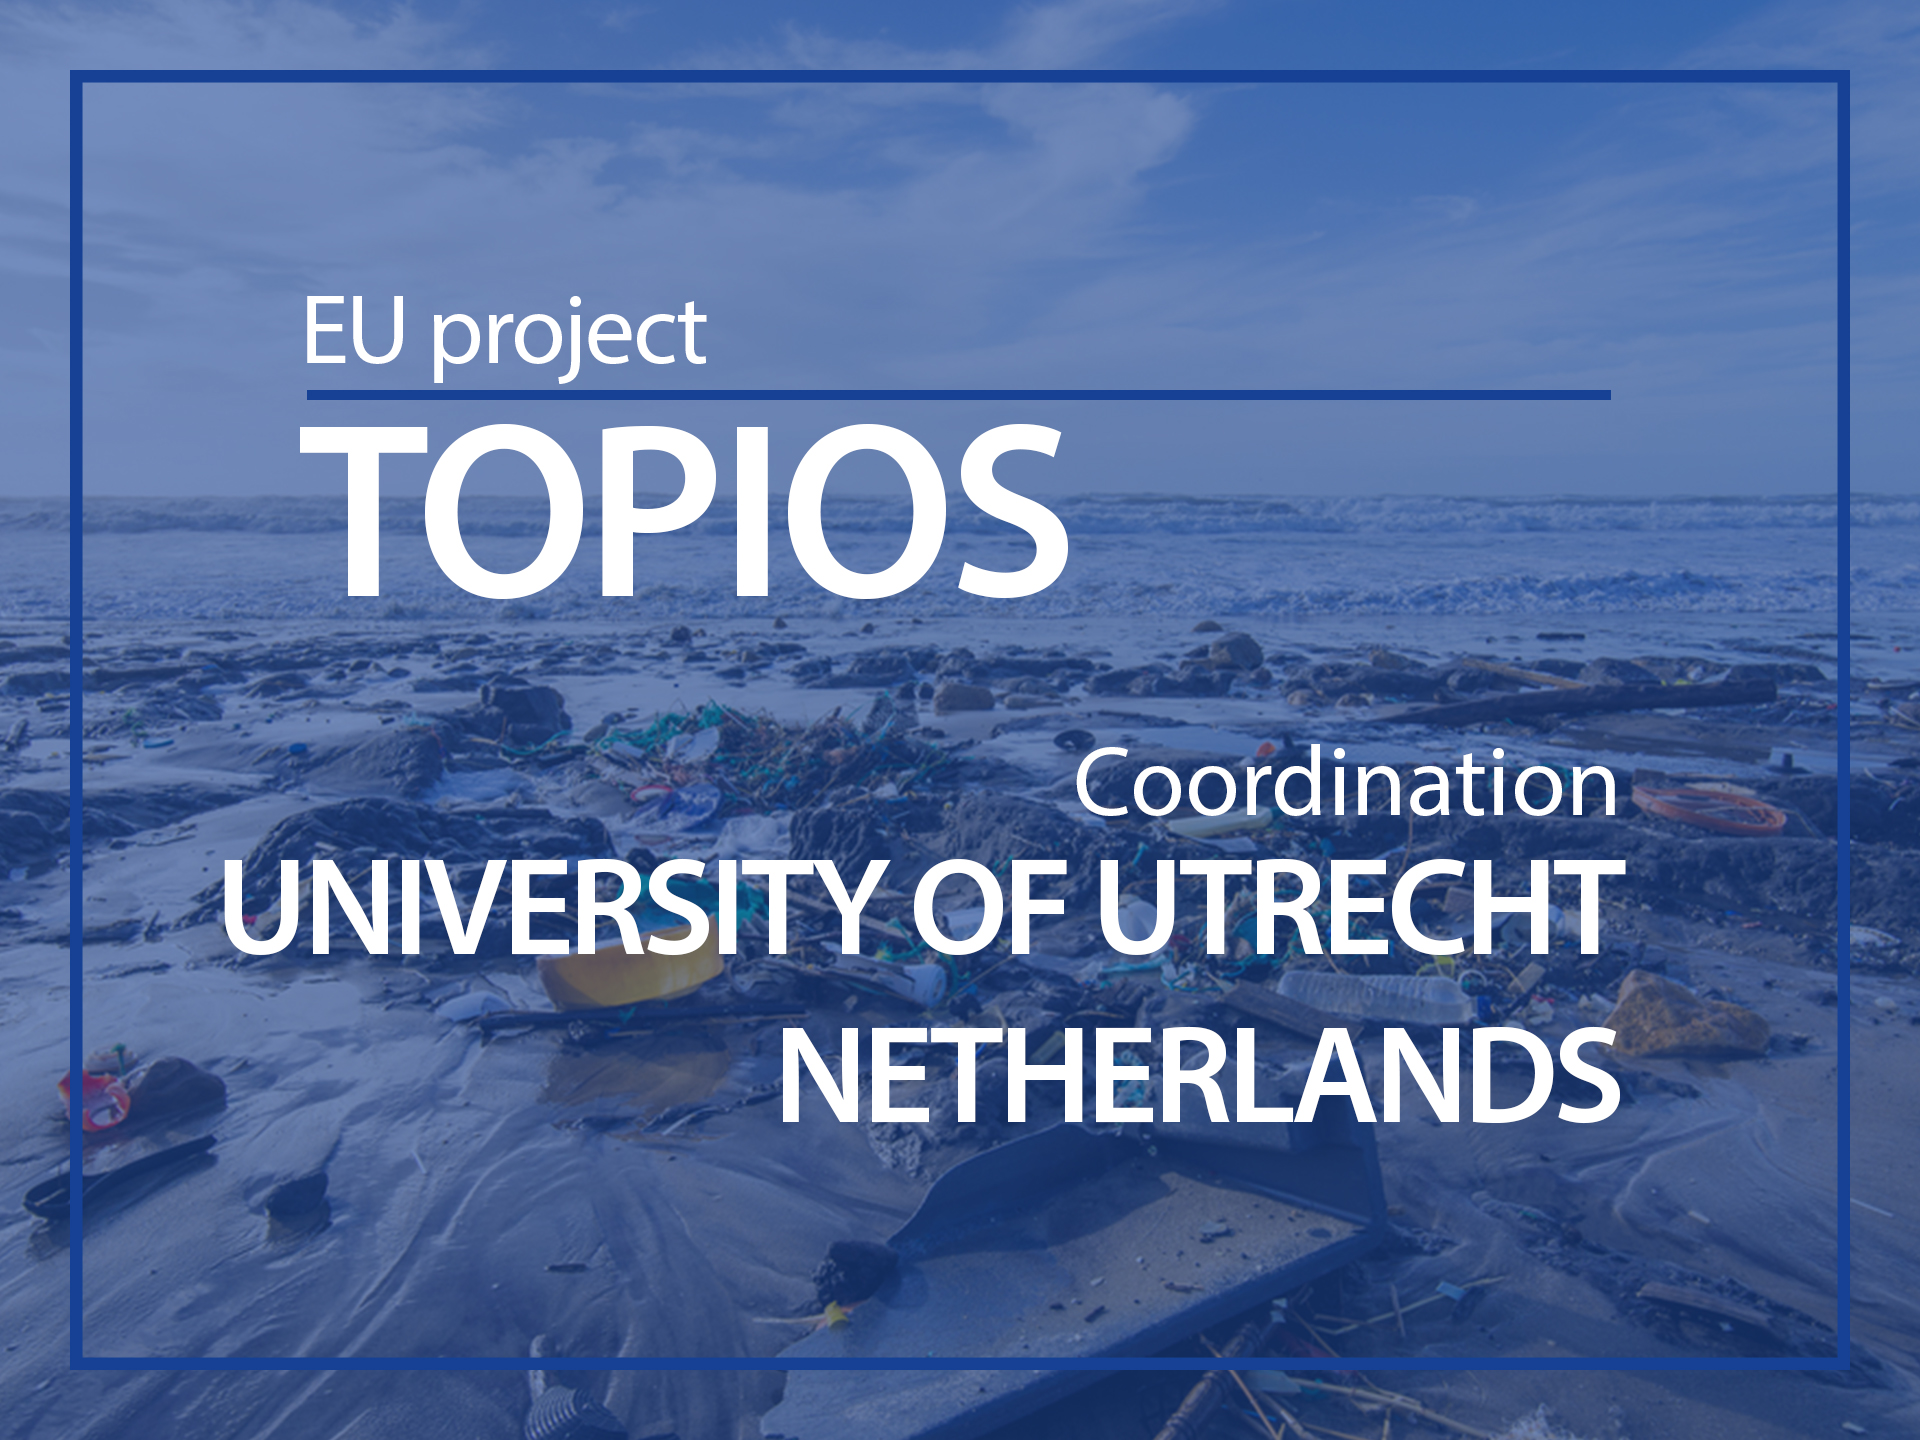 EU Project : TOPIOS